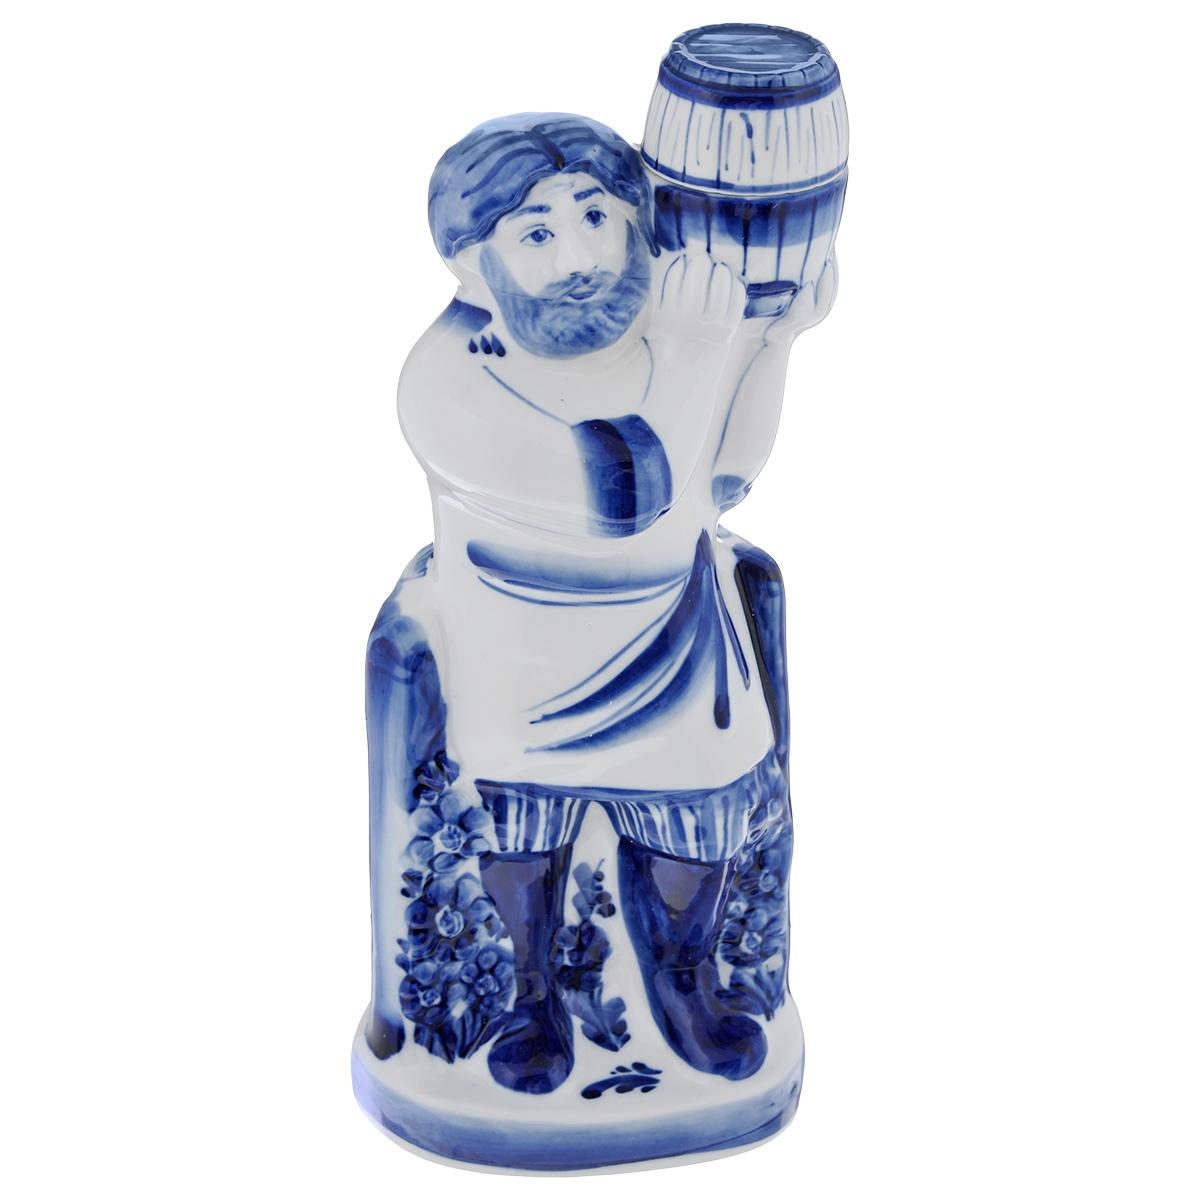 Штоф Пасечник, цвет: белый, синий, 0,8 л993100300Штоф Пасечник изготовлен из фарфора и оформлен оригинальной росписью в технике гжель. Изделие выполнено в виде русского мужичка у калитки и оснащено пробкой. Штоф Пасечник прекрасно оформит интерьер кабинета или гостиной, а также станет прекрасным украшением стола. Высота (с учетом пробки): 29,5 см.